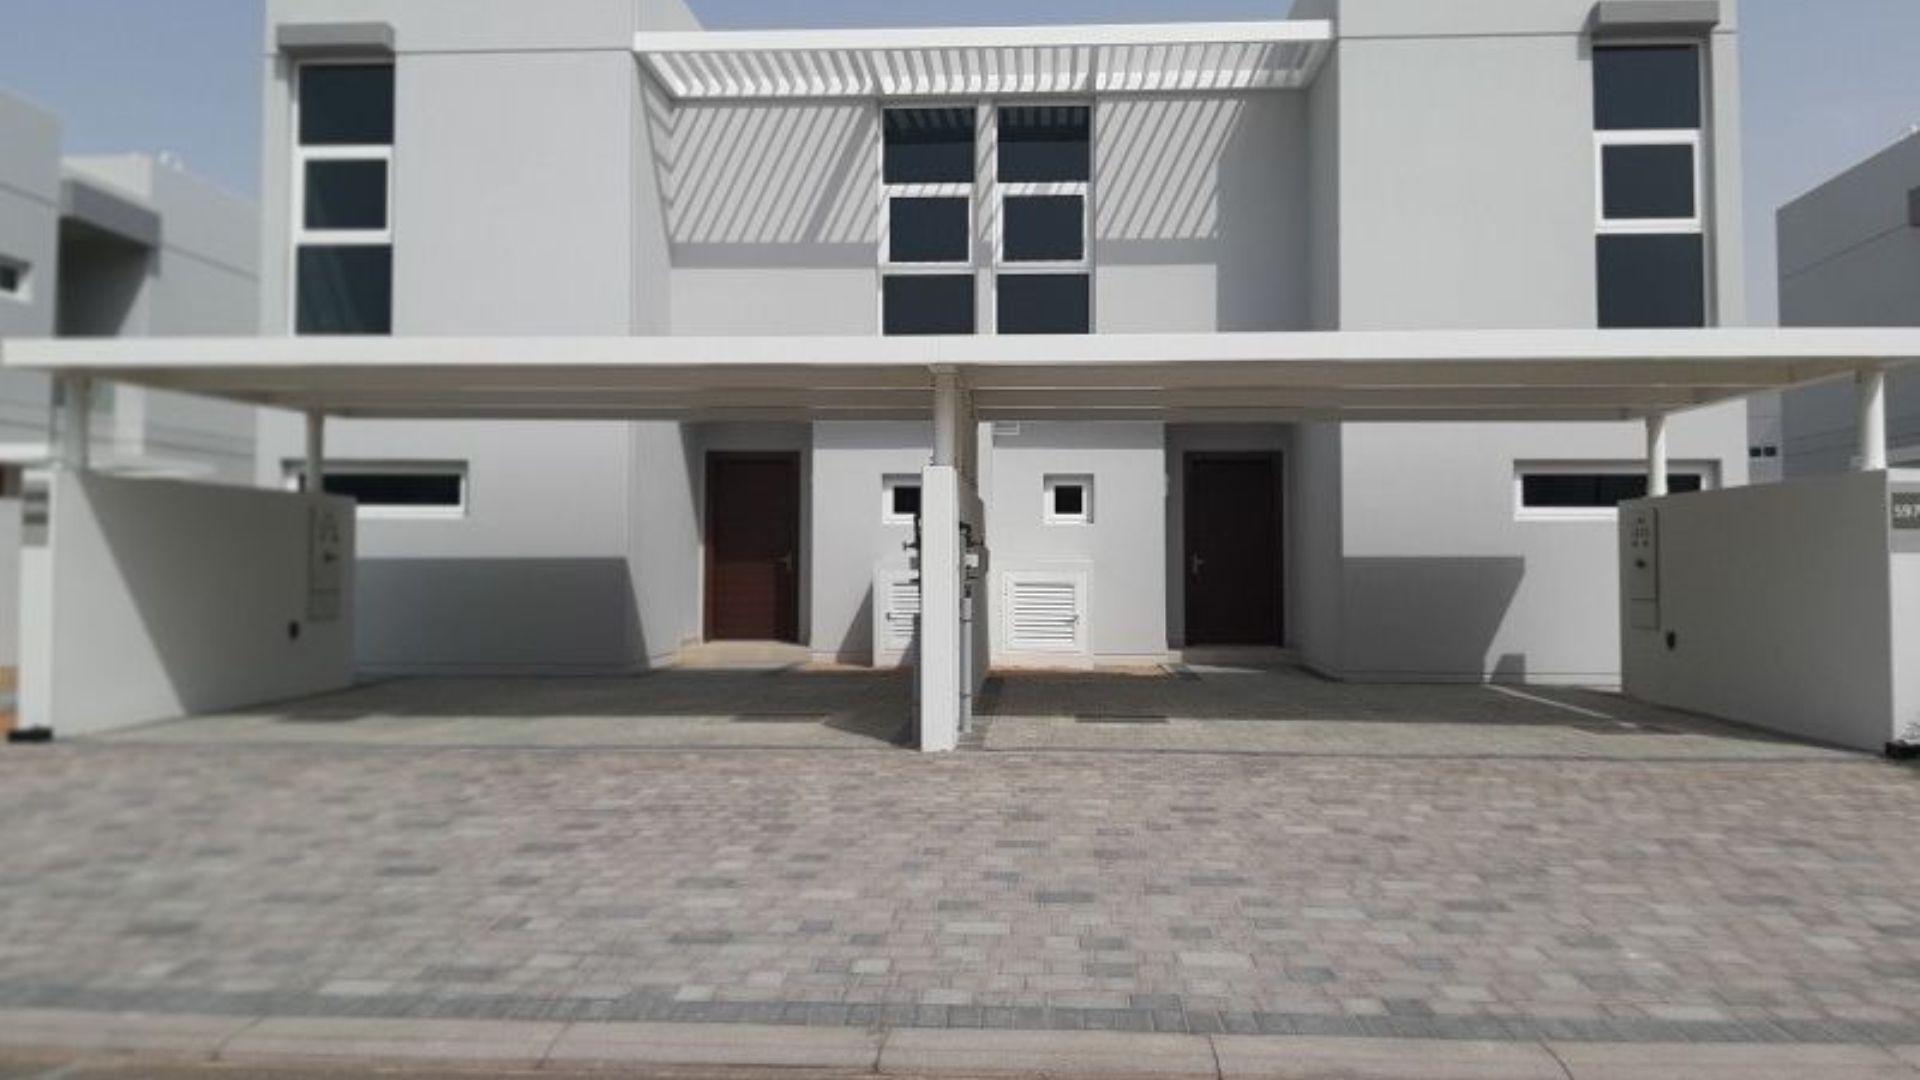 Adosado en venta en Dubai, EAU, 3 dormitorios, 184 m2, № 24438 – foto 1